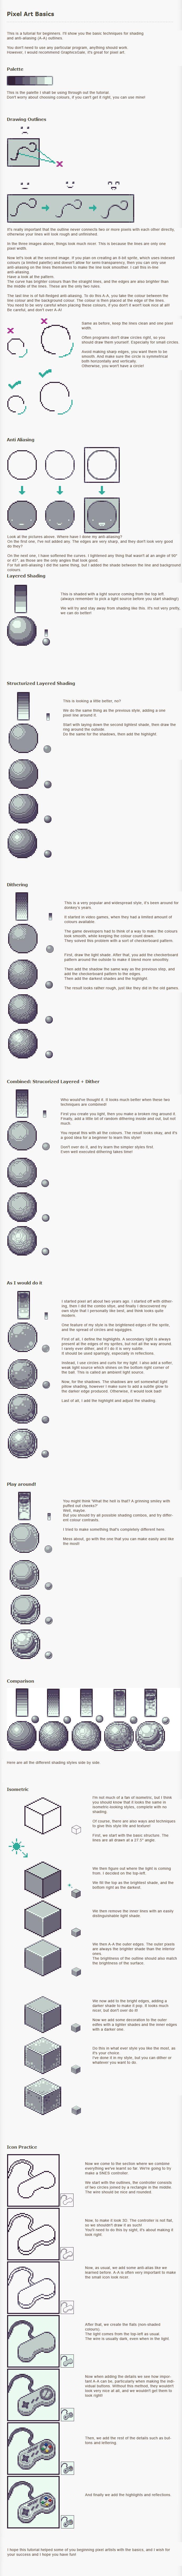 Pixel Art Tutorial - Basics